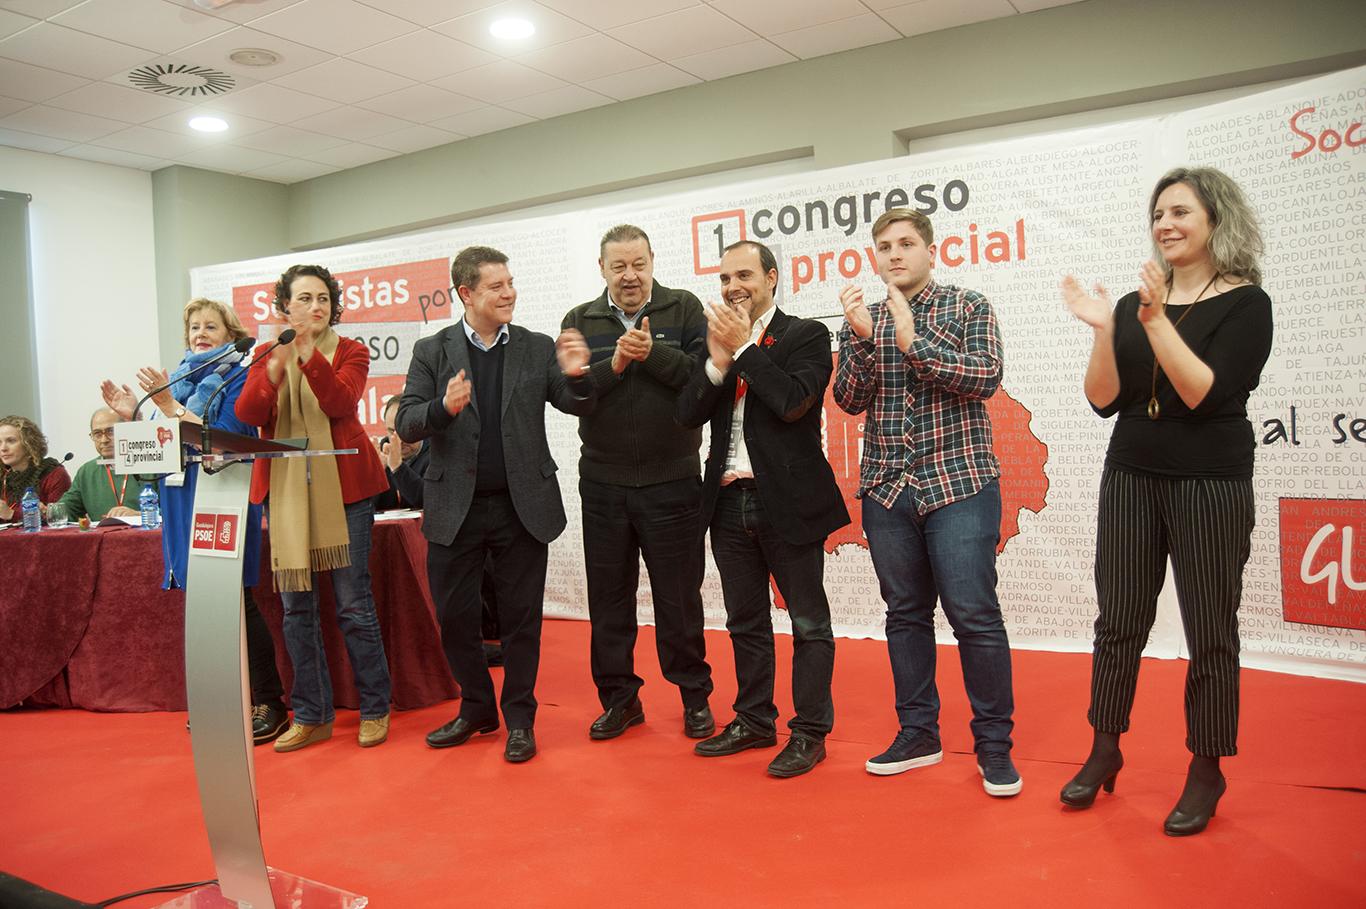 Page con Bellido y Valerio, en el Congreso del PSOE de Guadalajara